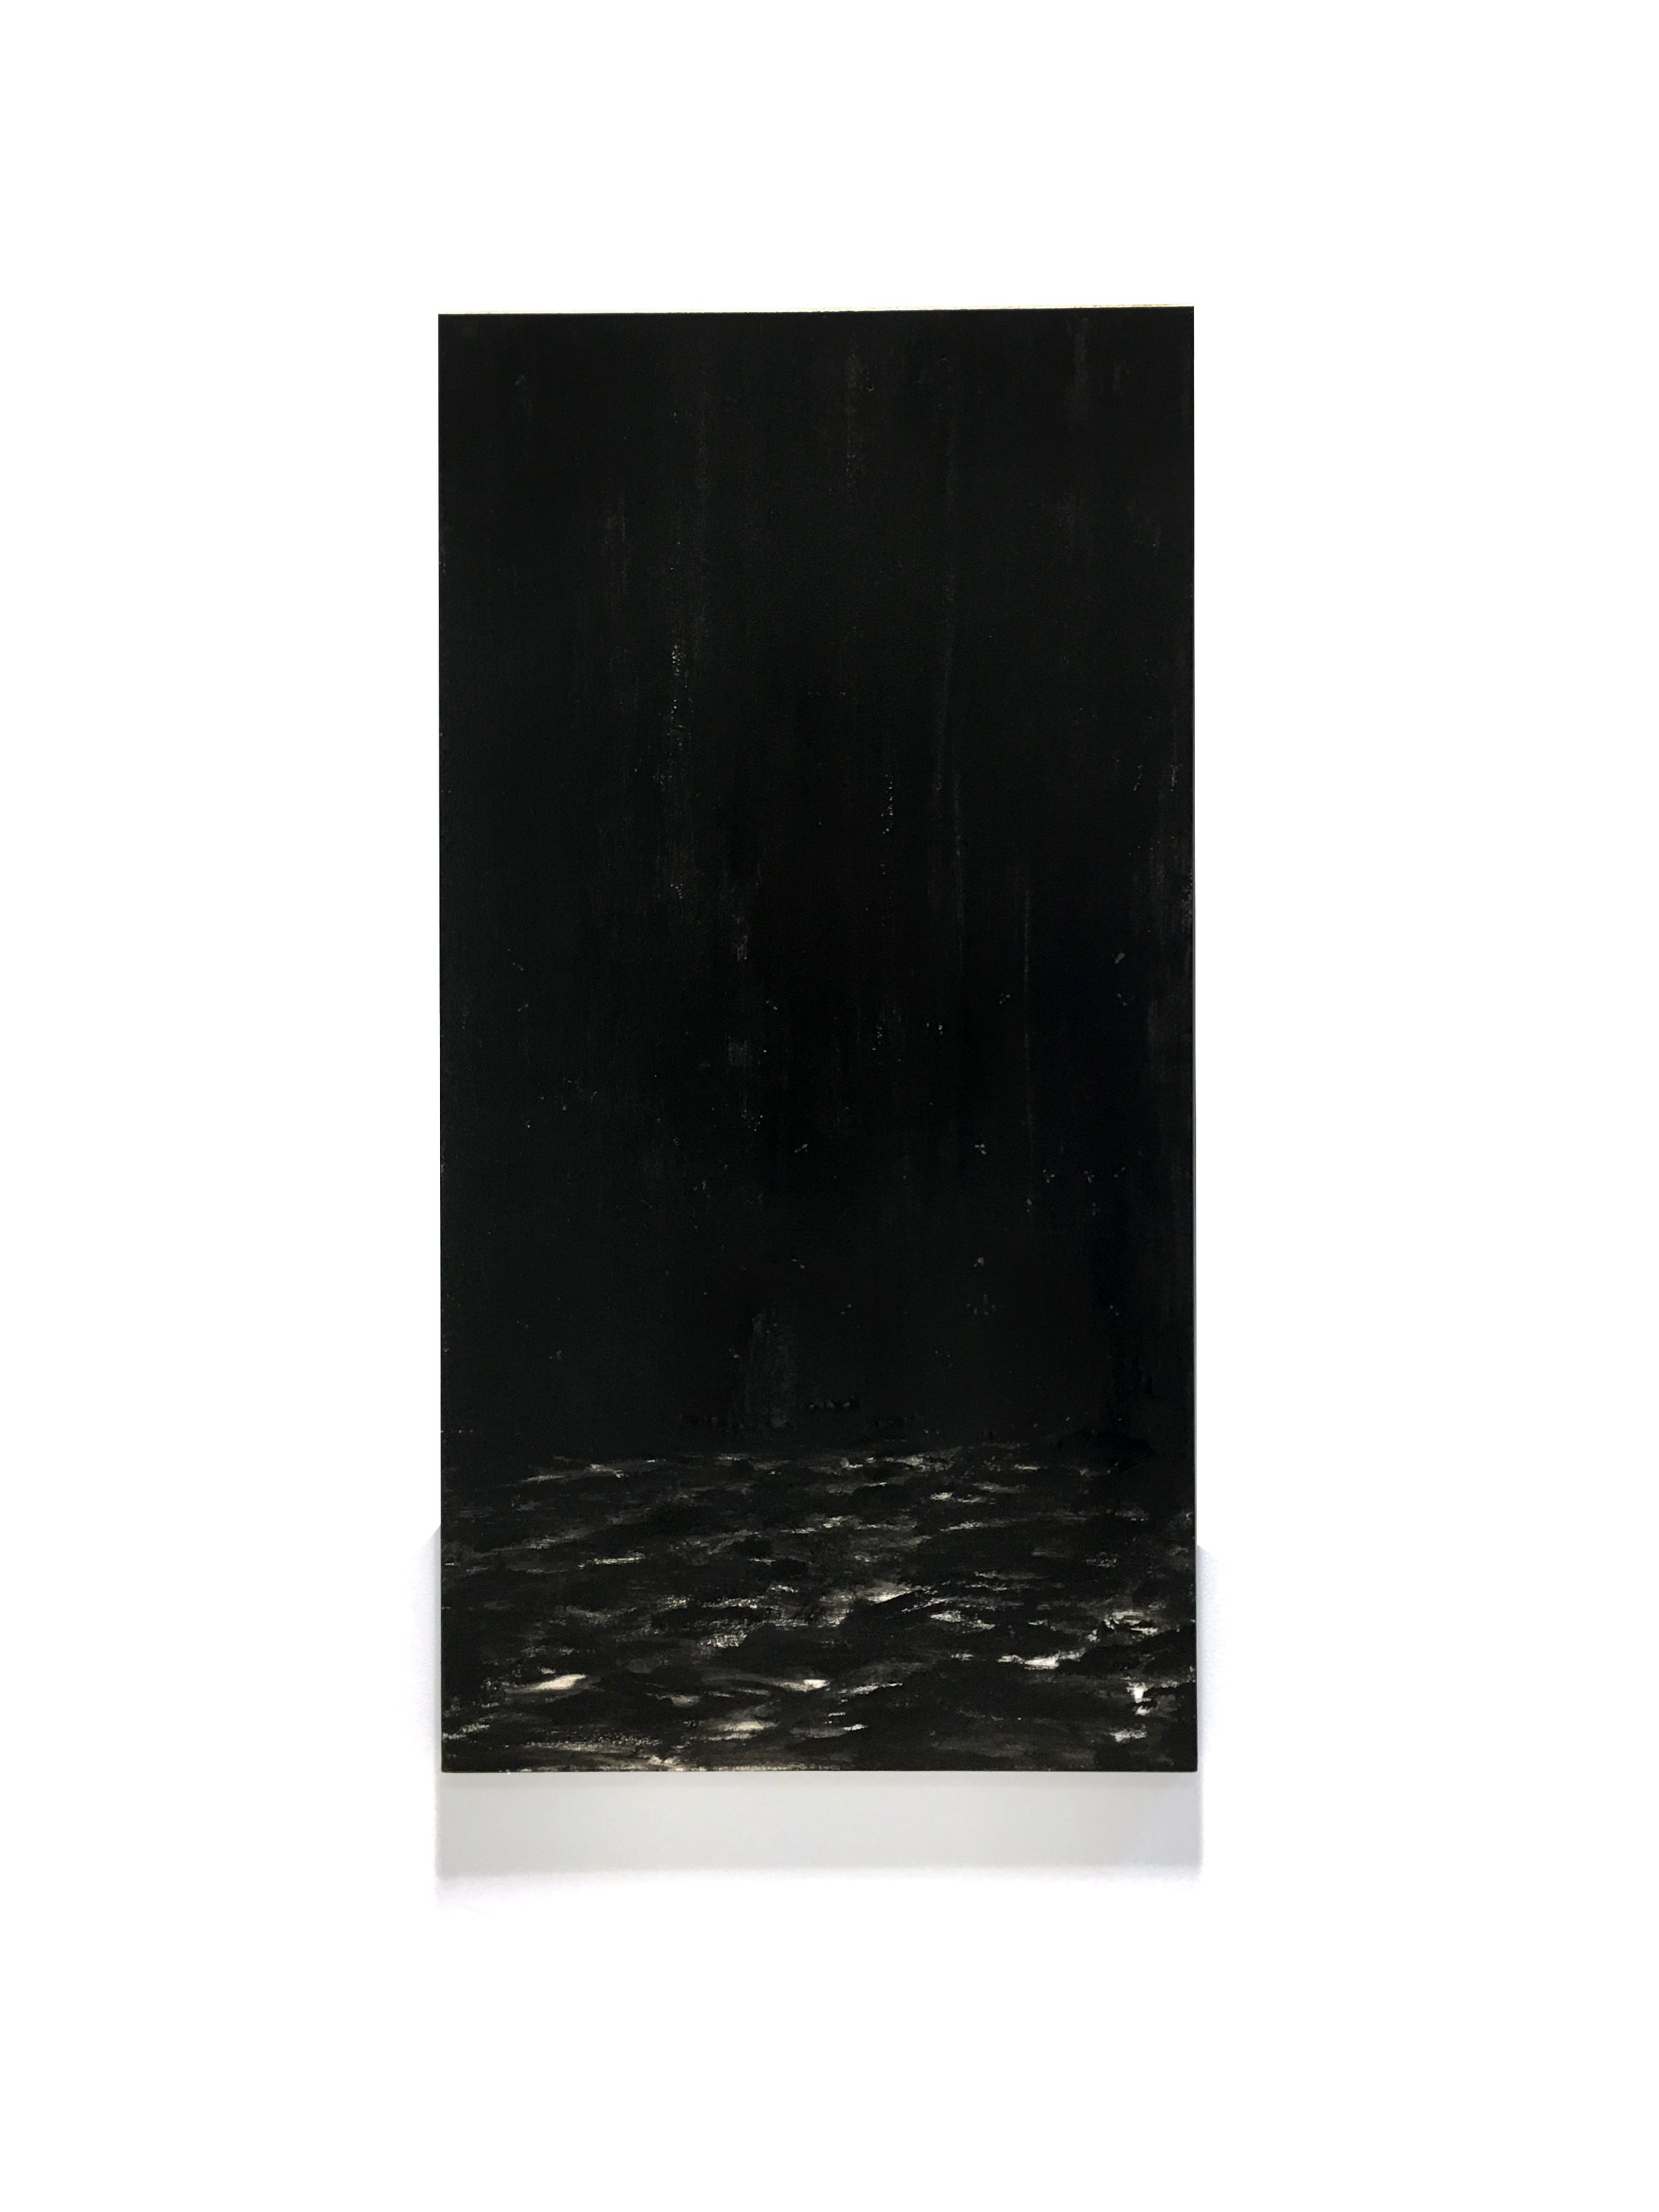 Wherever I Go, I See Black Water